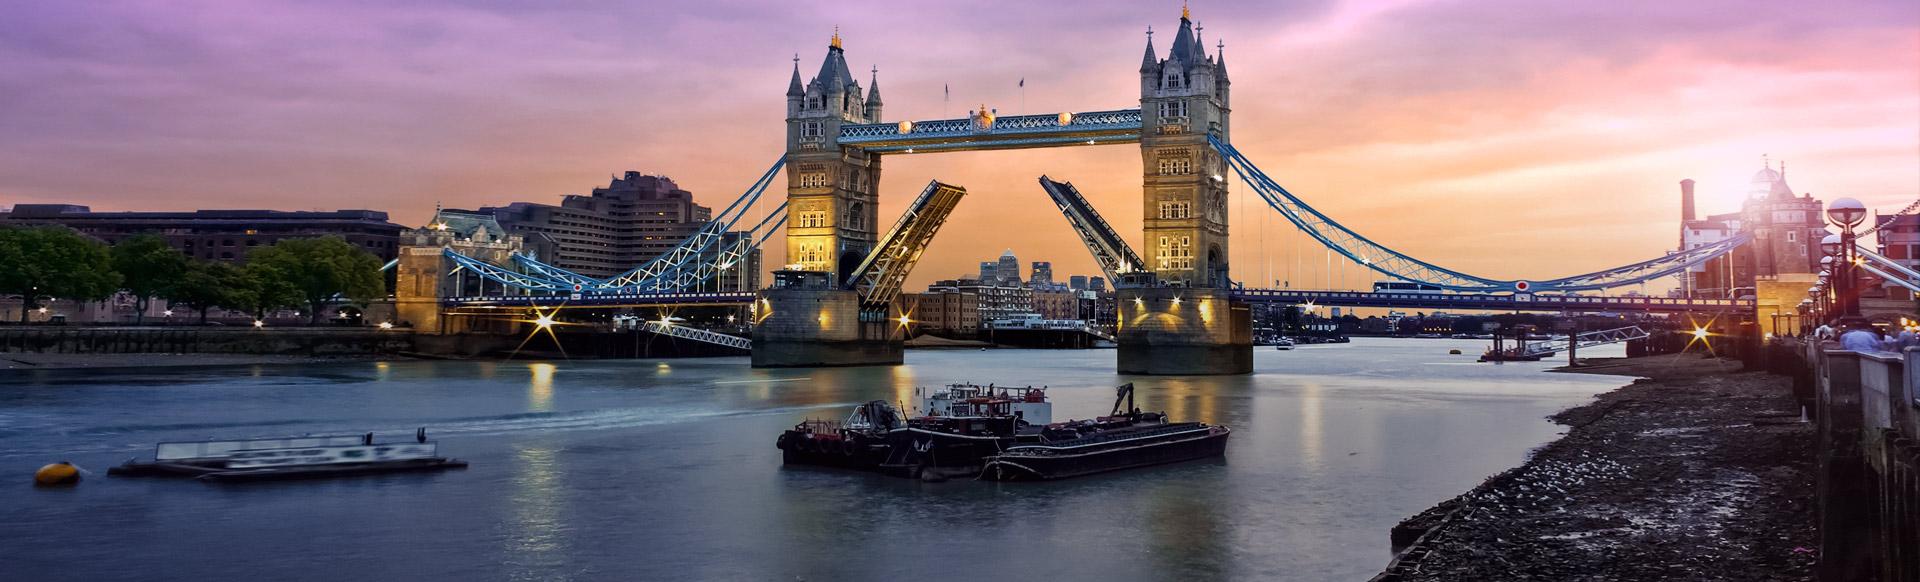 Vuelos baratos a Londres con regreso desde Barcelona por ARS 24.692 finales